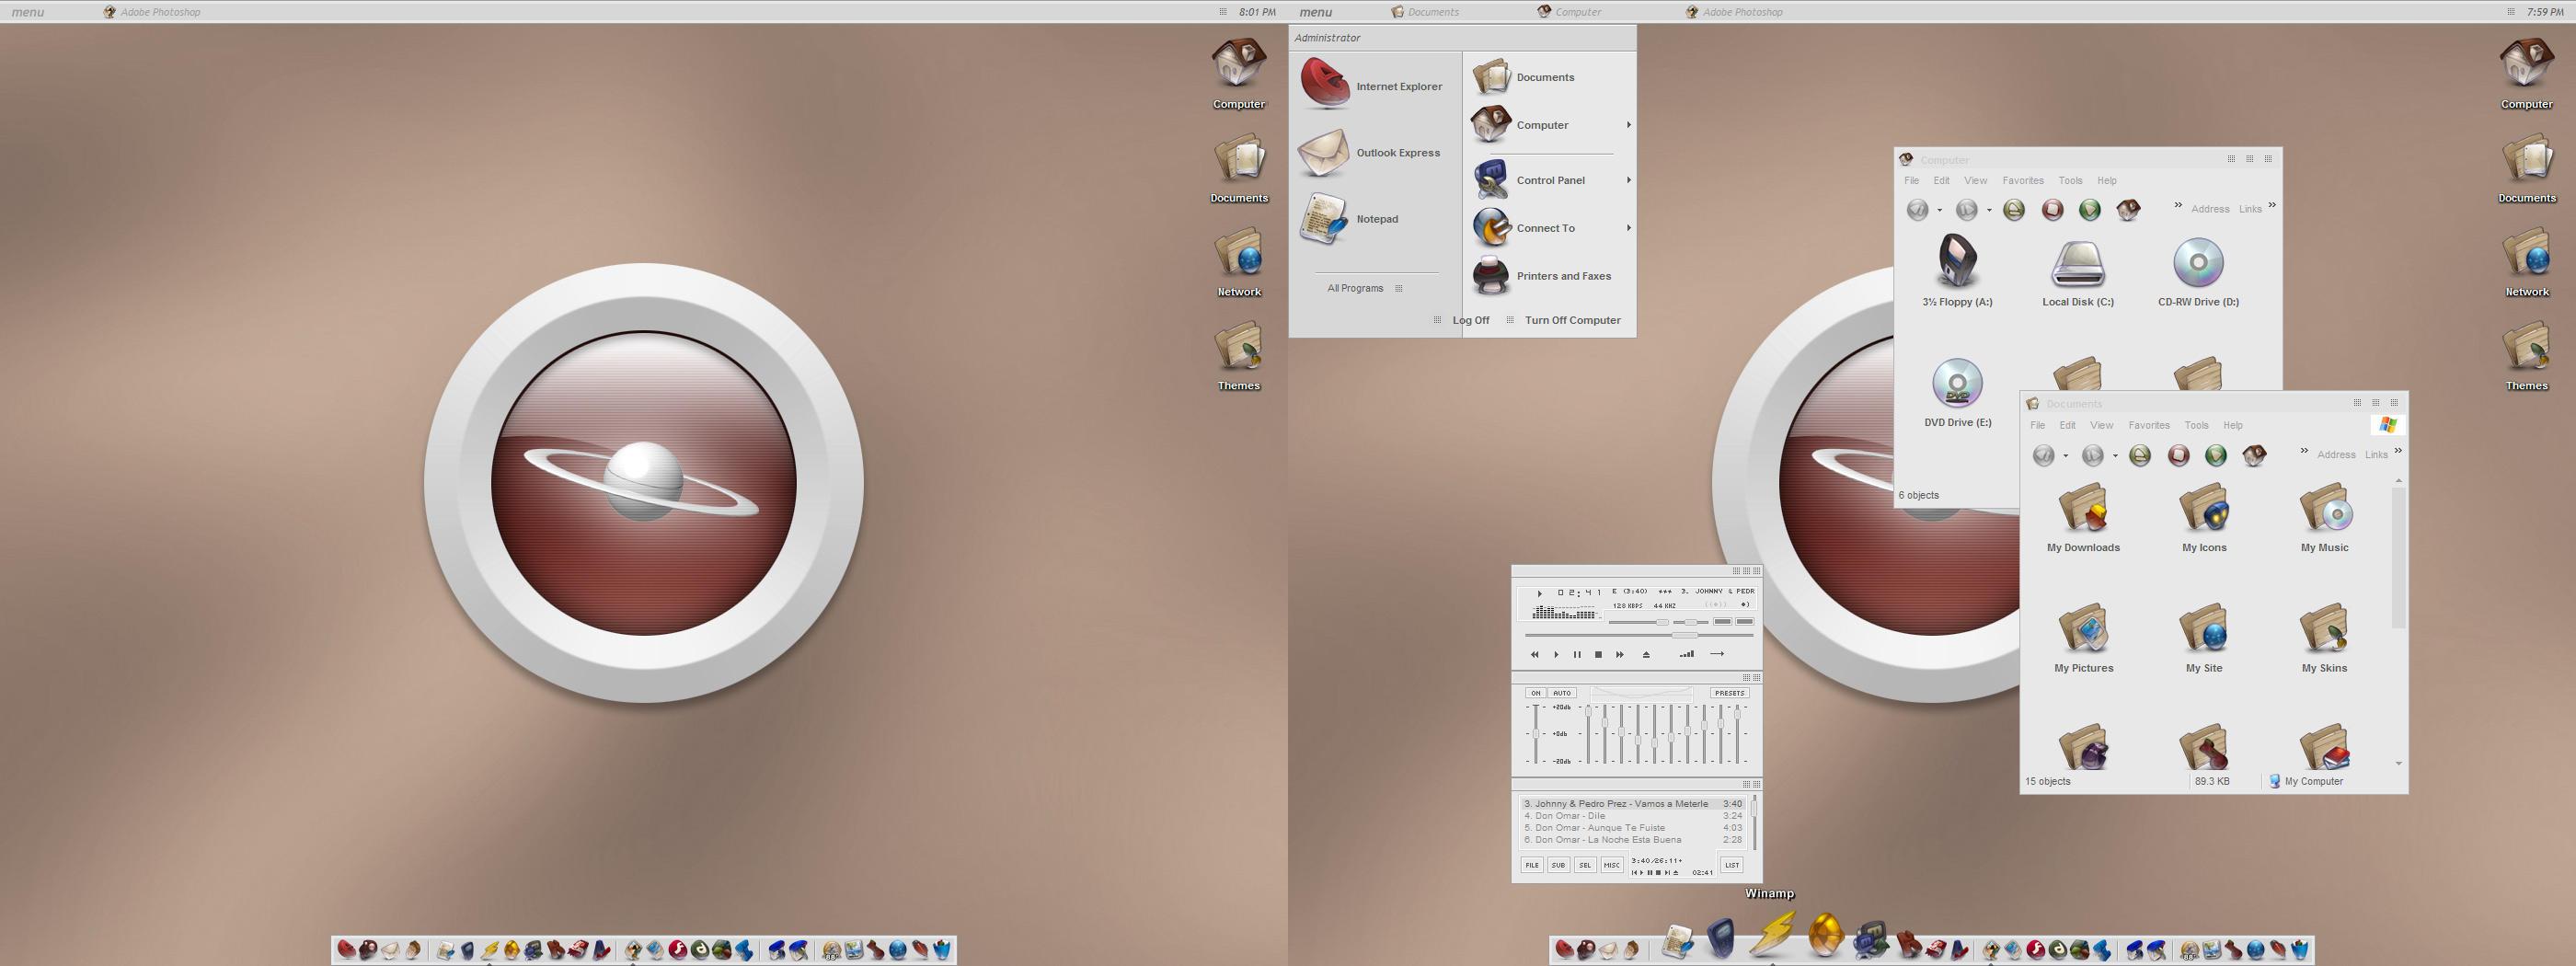 My GreyScale Desktop by javierocasio